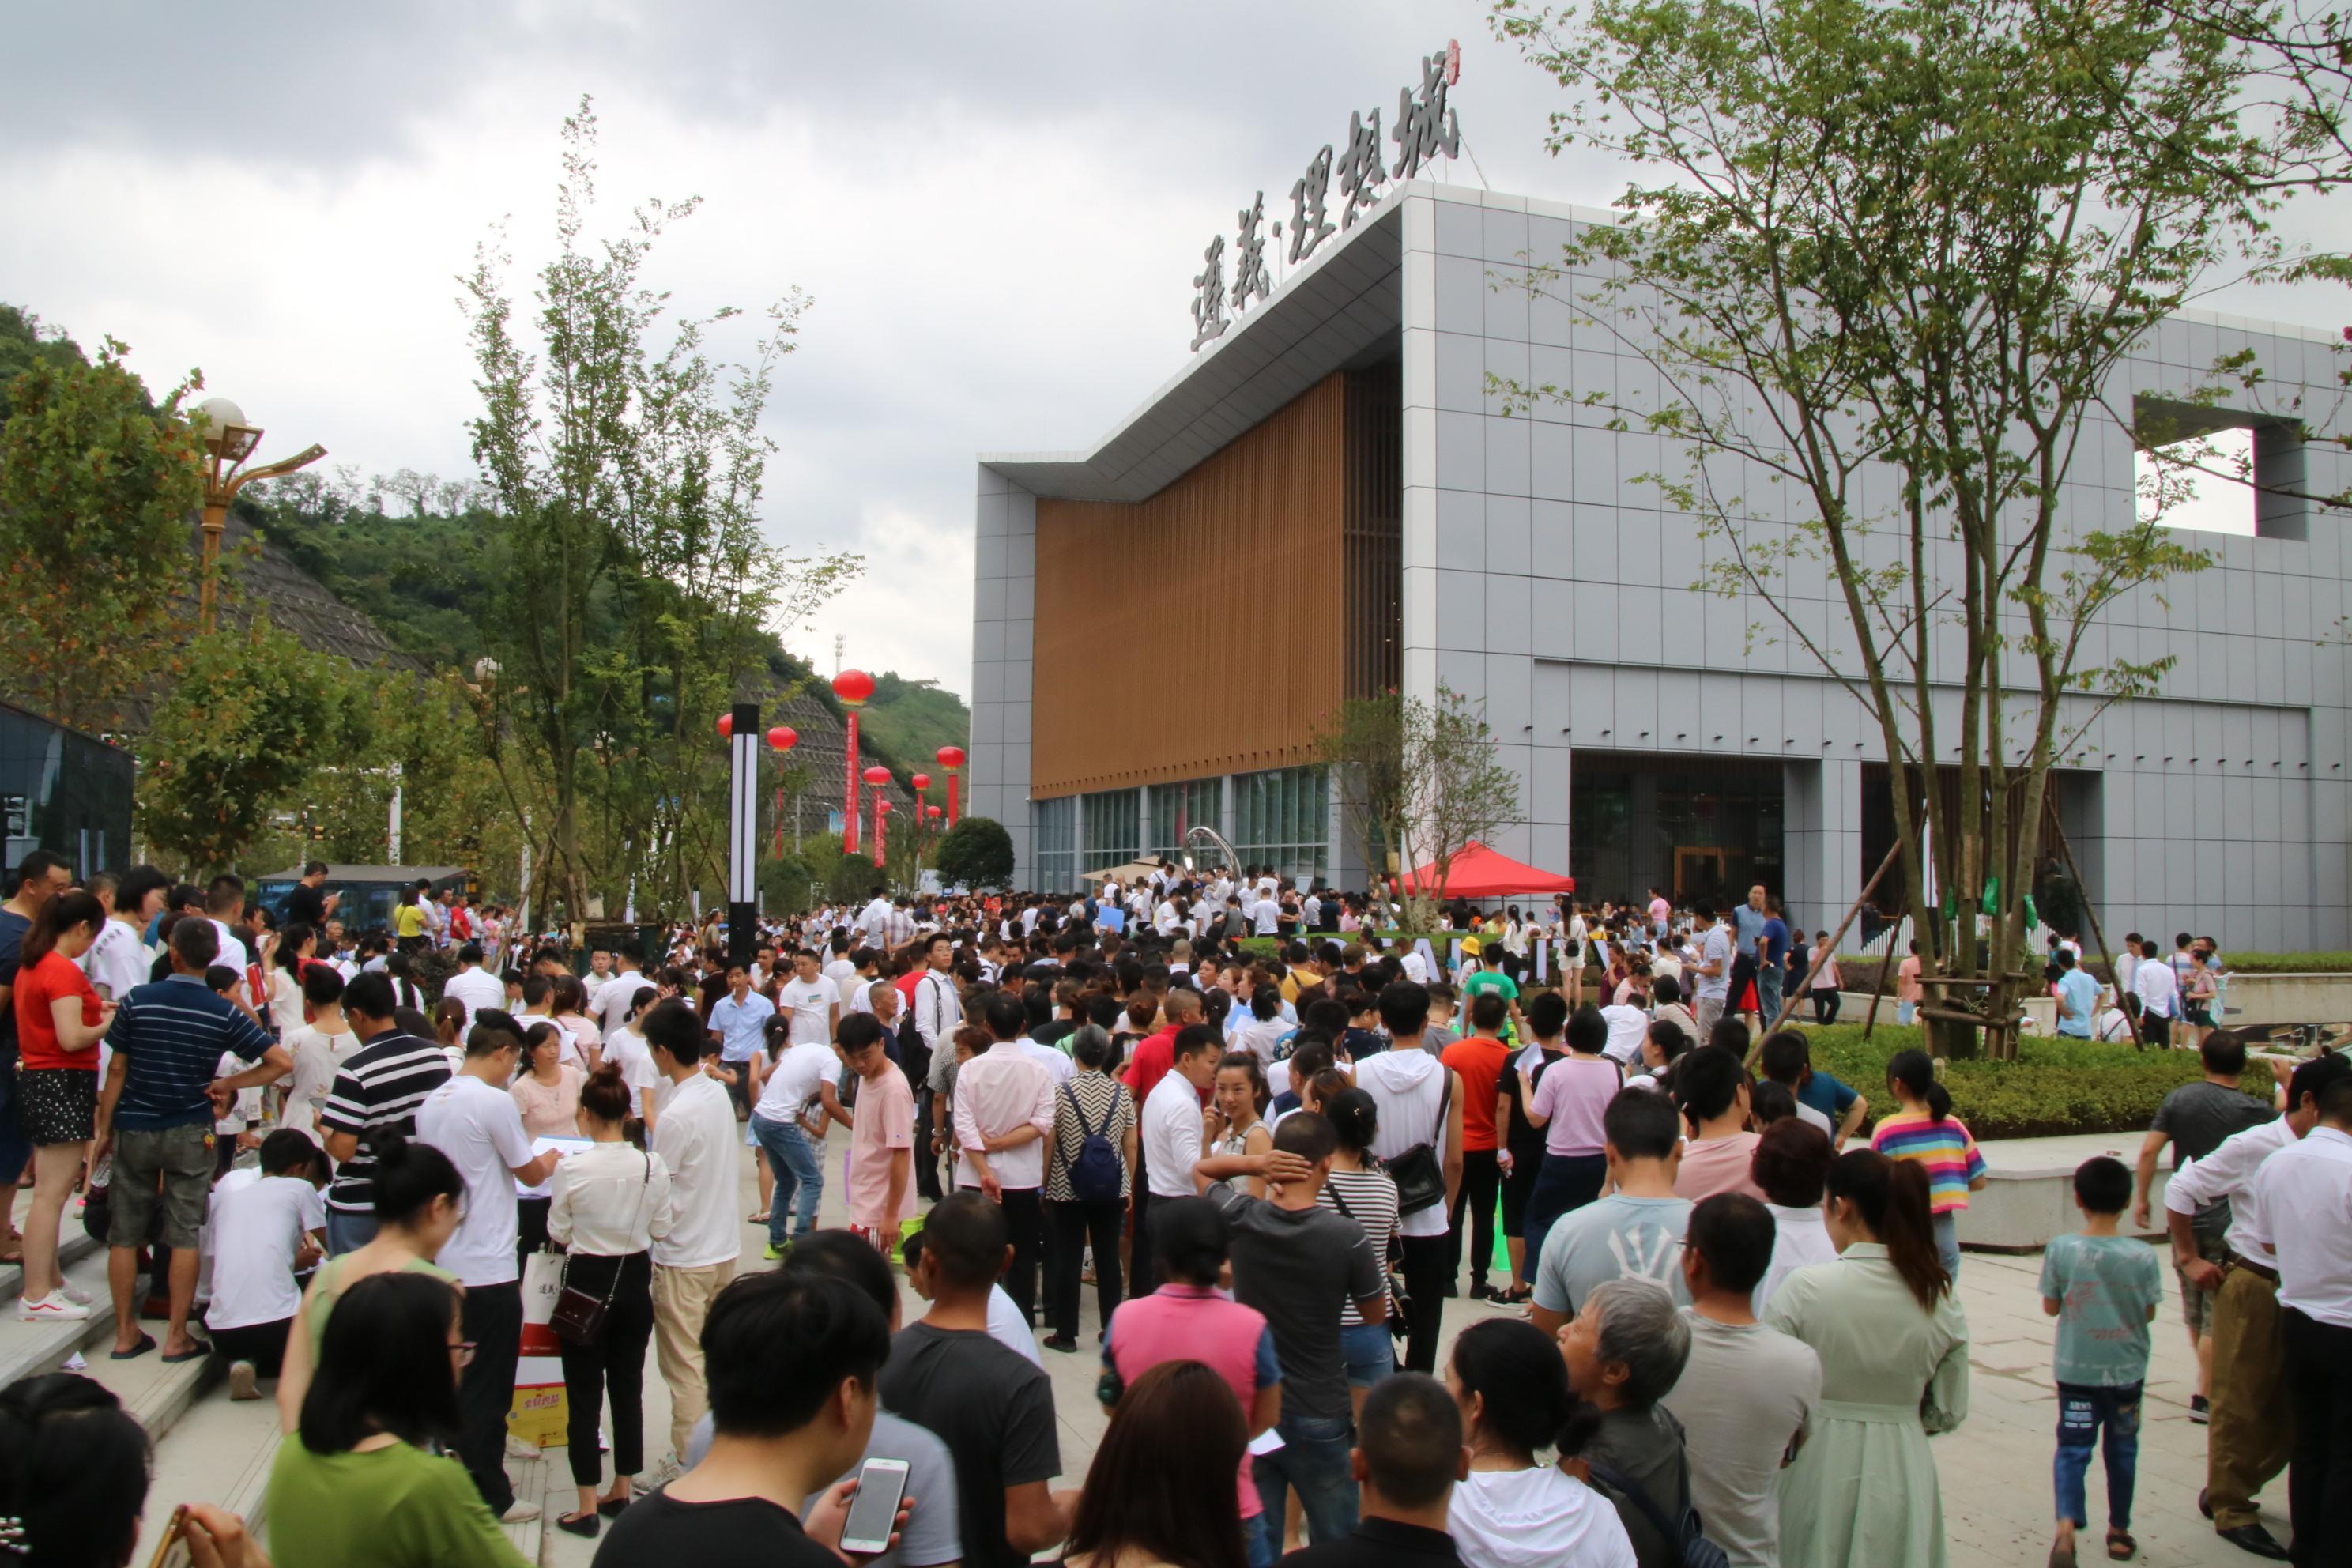 惊动红城燃沸遵义 遵义·抱负城样板示范区暨营销中间开放盛况绝后-中国网地产